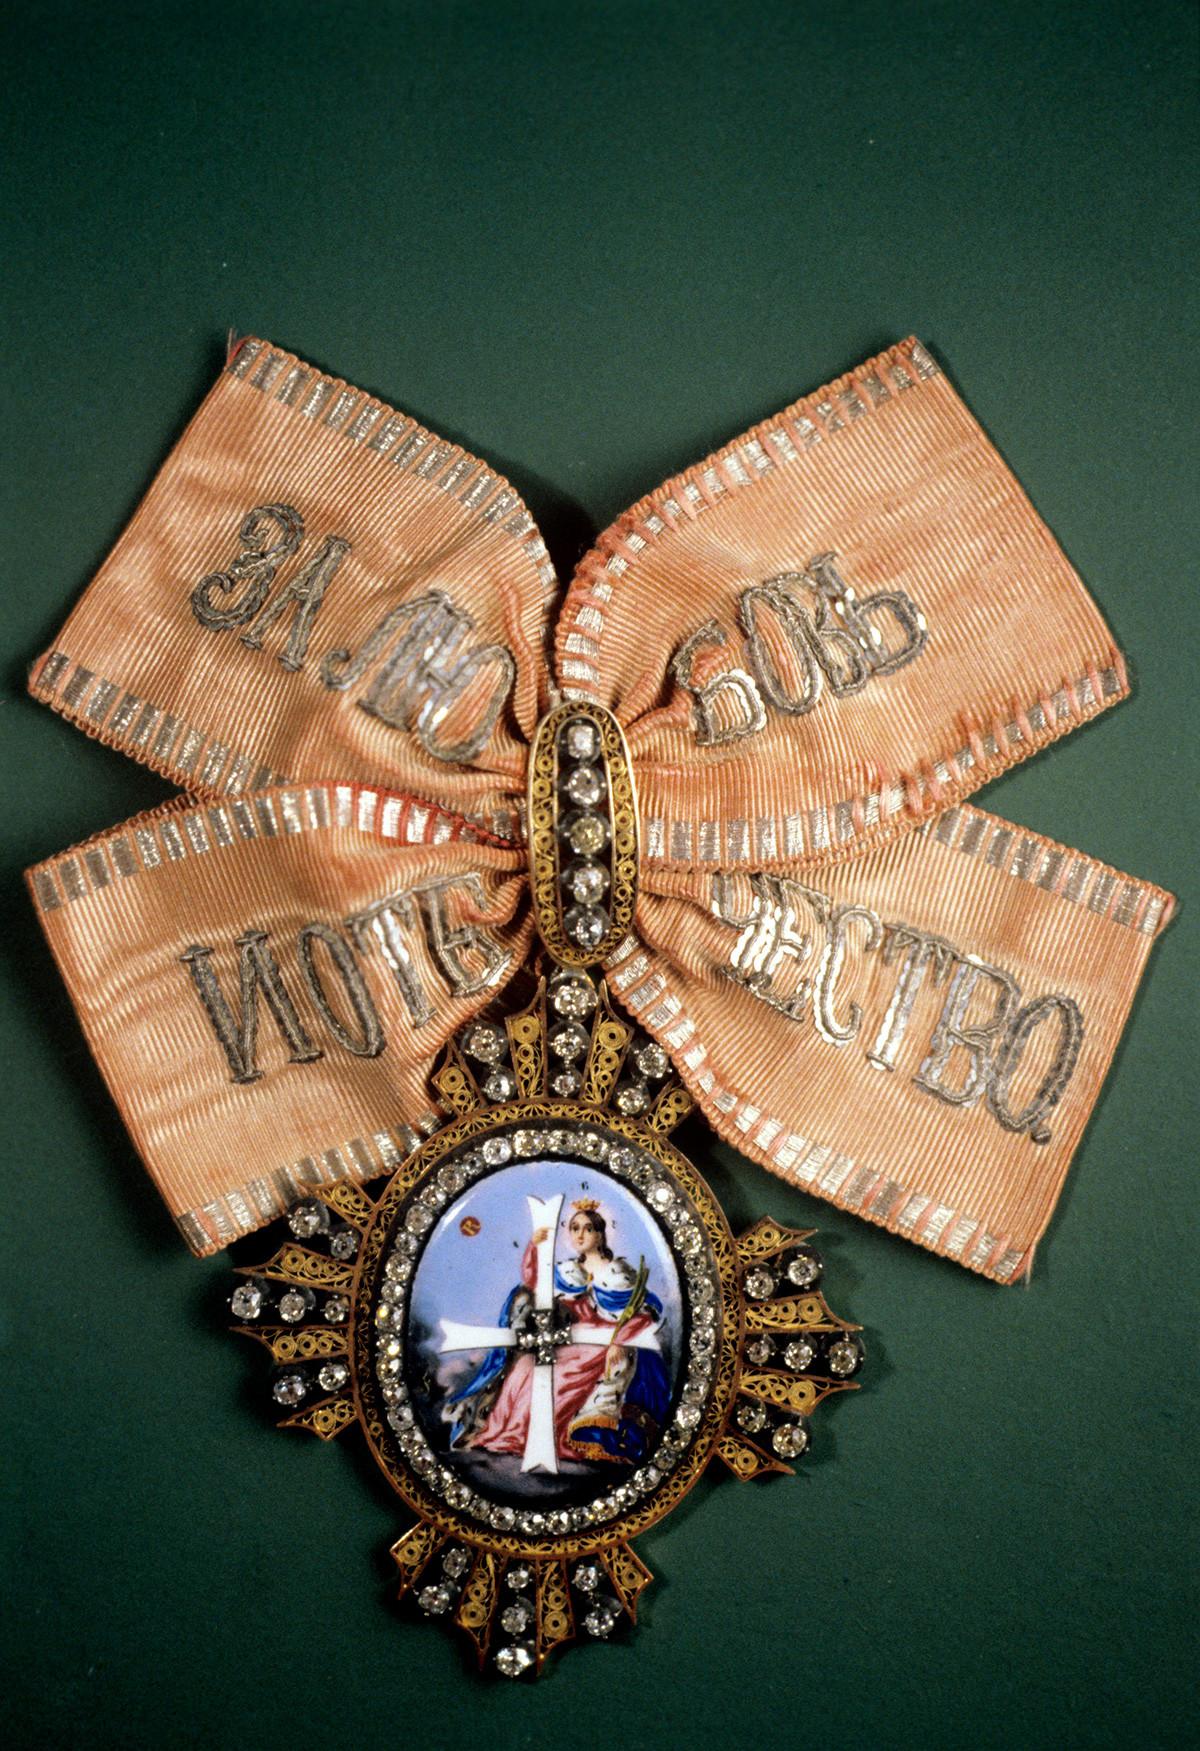 Знак Ордена свете великомученице Екатерине (или Орден ослобођења) којим су награђиване жене. Уведен је 1714. године. Колекција ордења и медаља одељења за нумизматику Ермитажа.